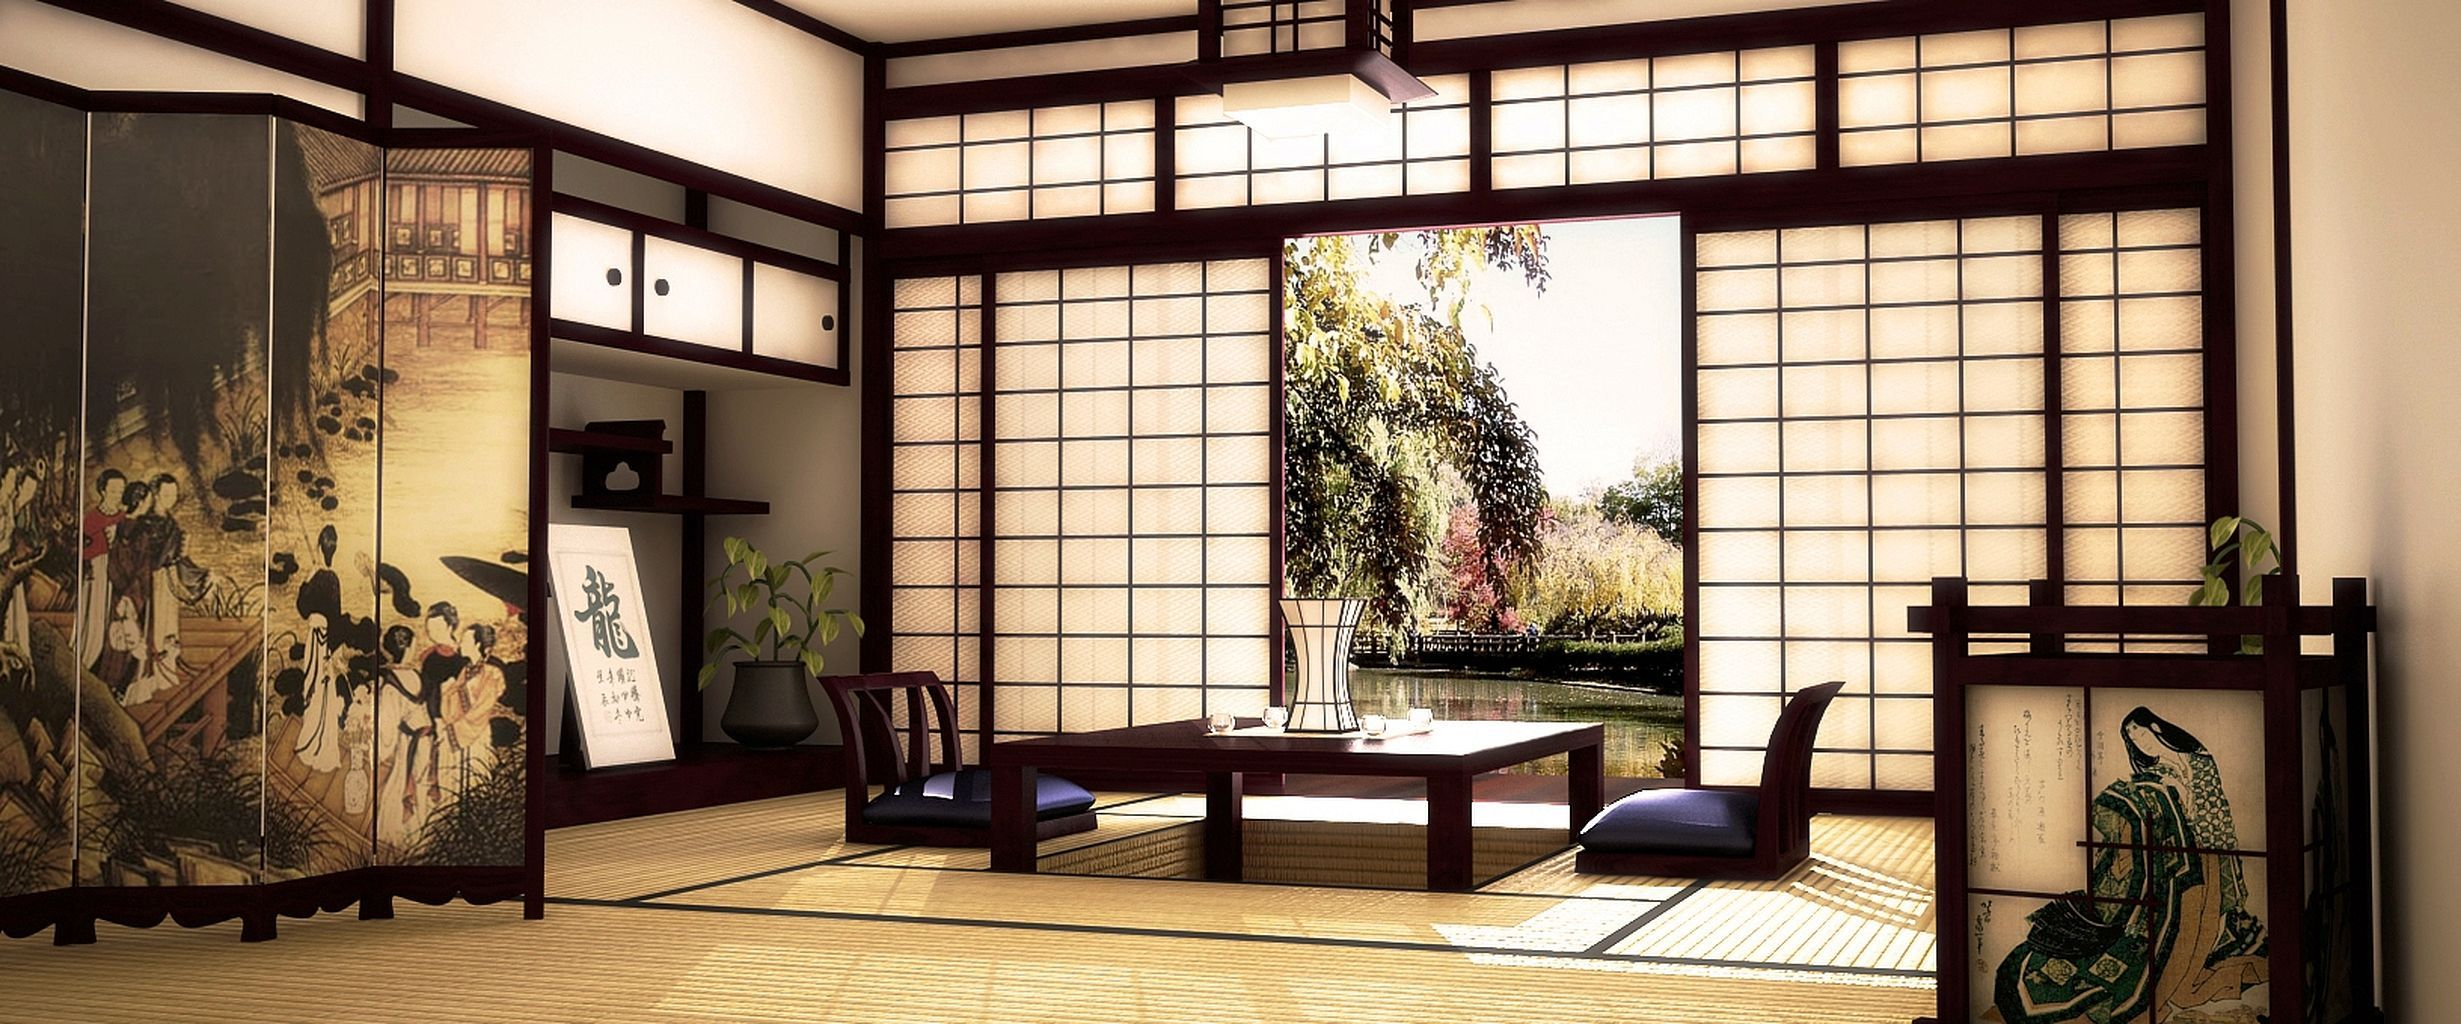 Besty modern minimalist interior design inspiration